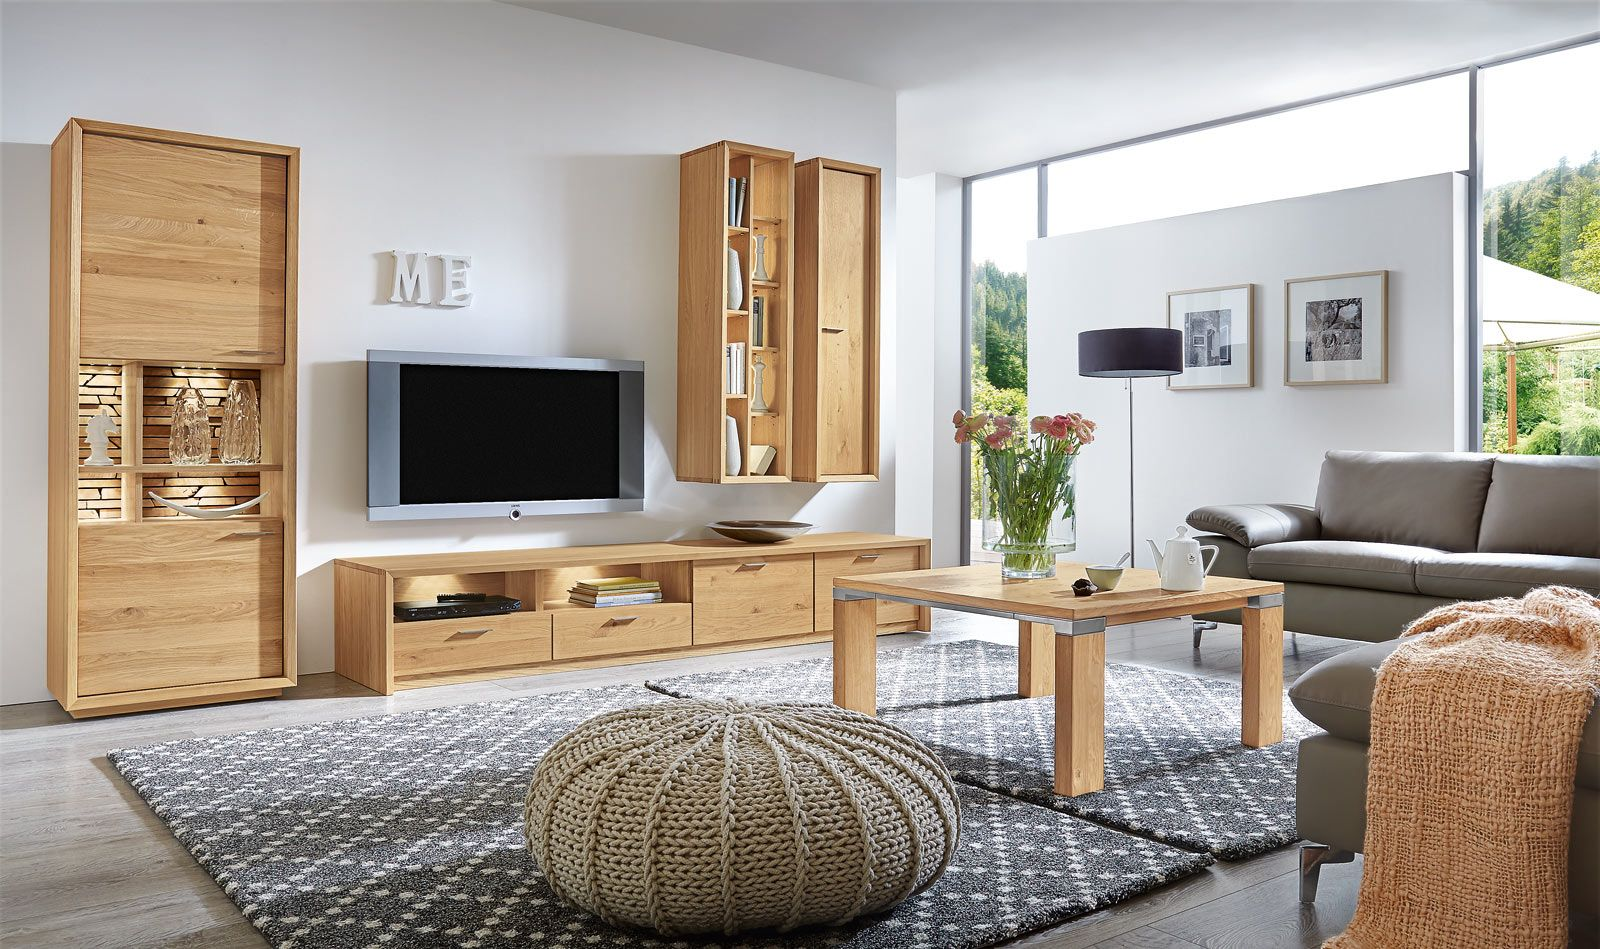 fino - programme - wohnzimmer - venjakob möbel | ideen rund ums ... - Wohnzimmer Design Programm